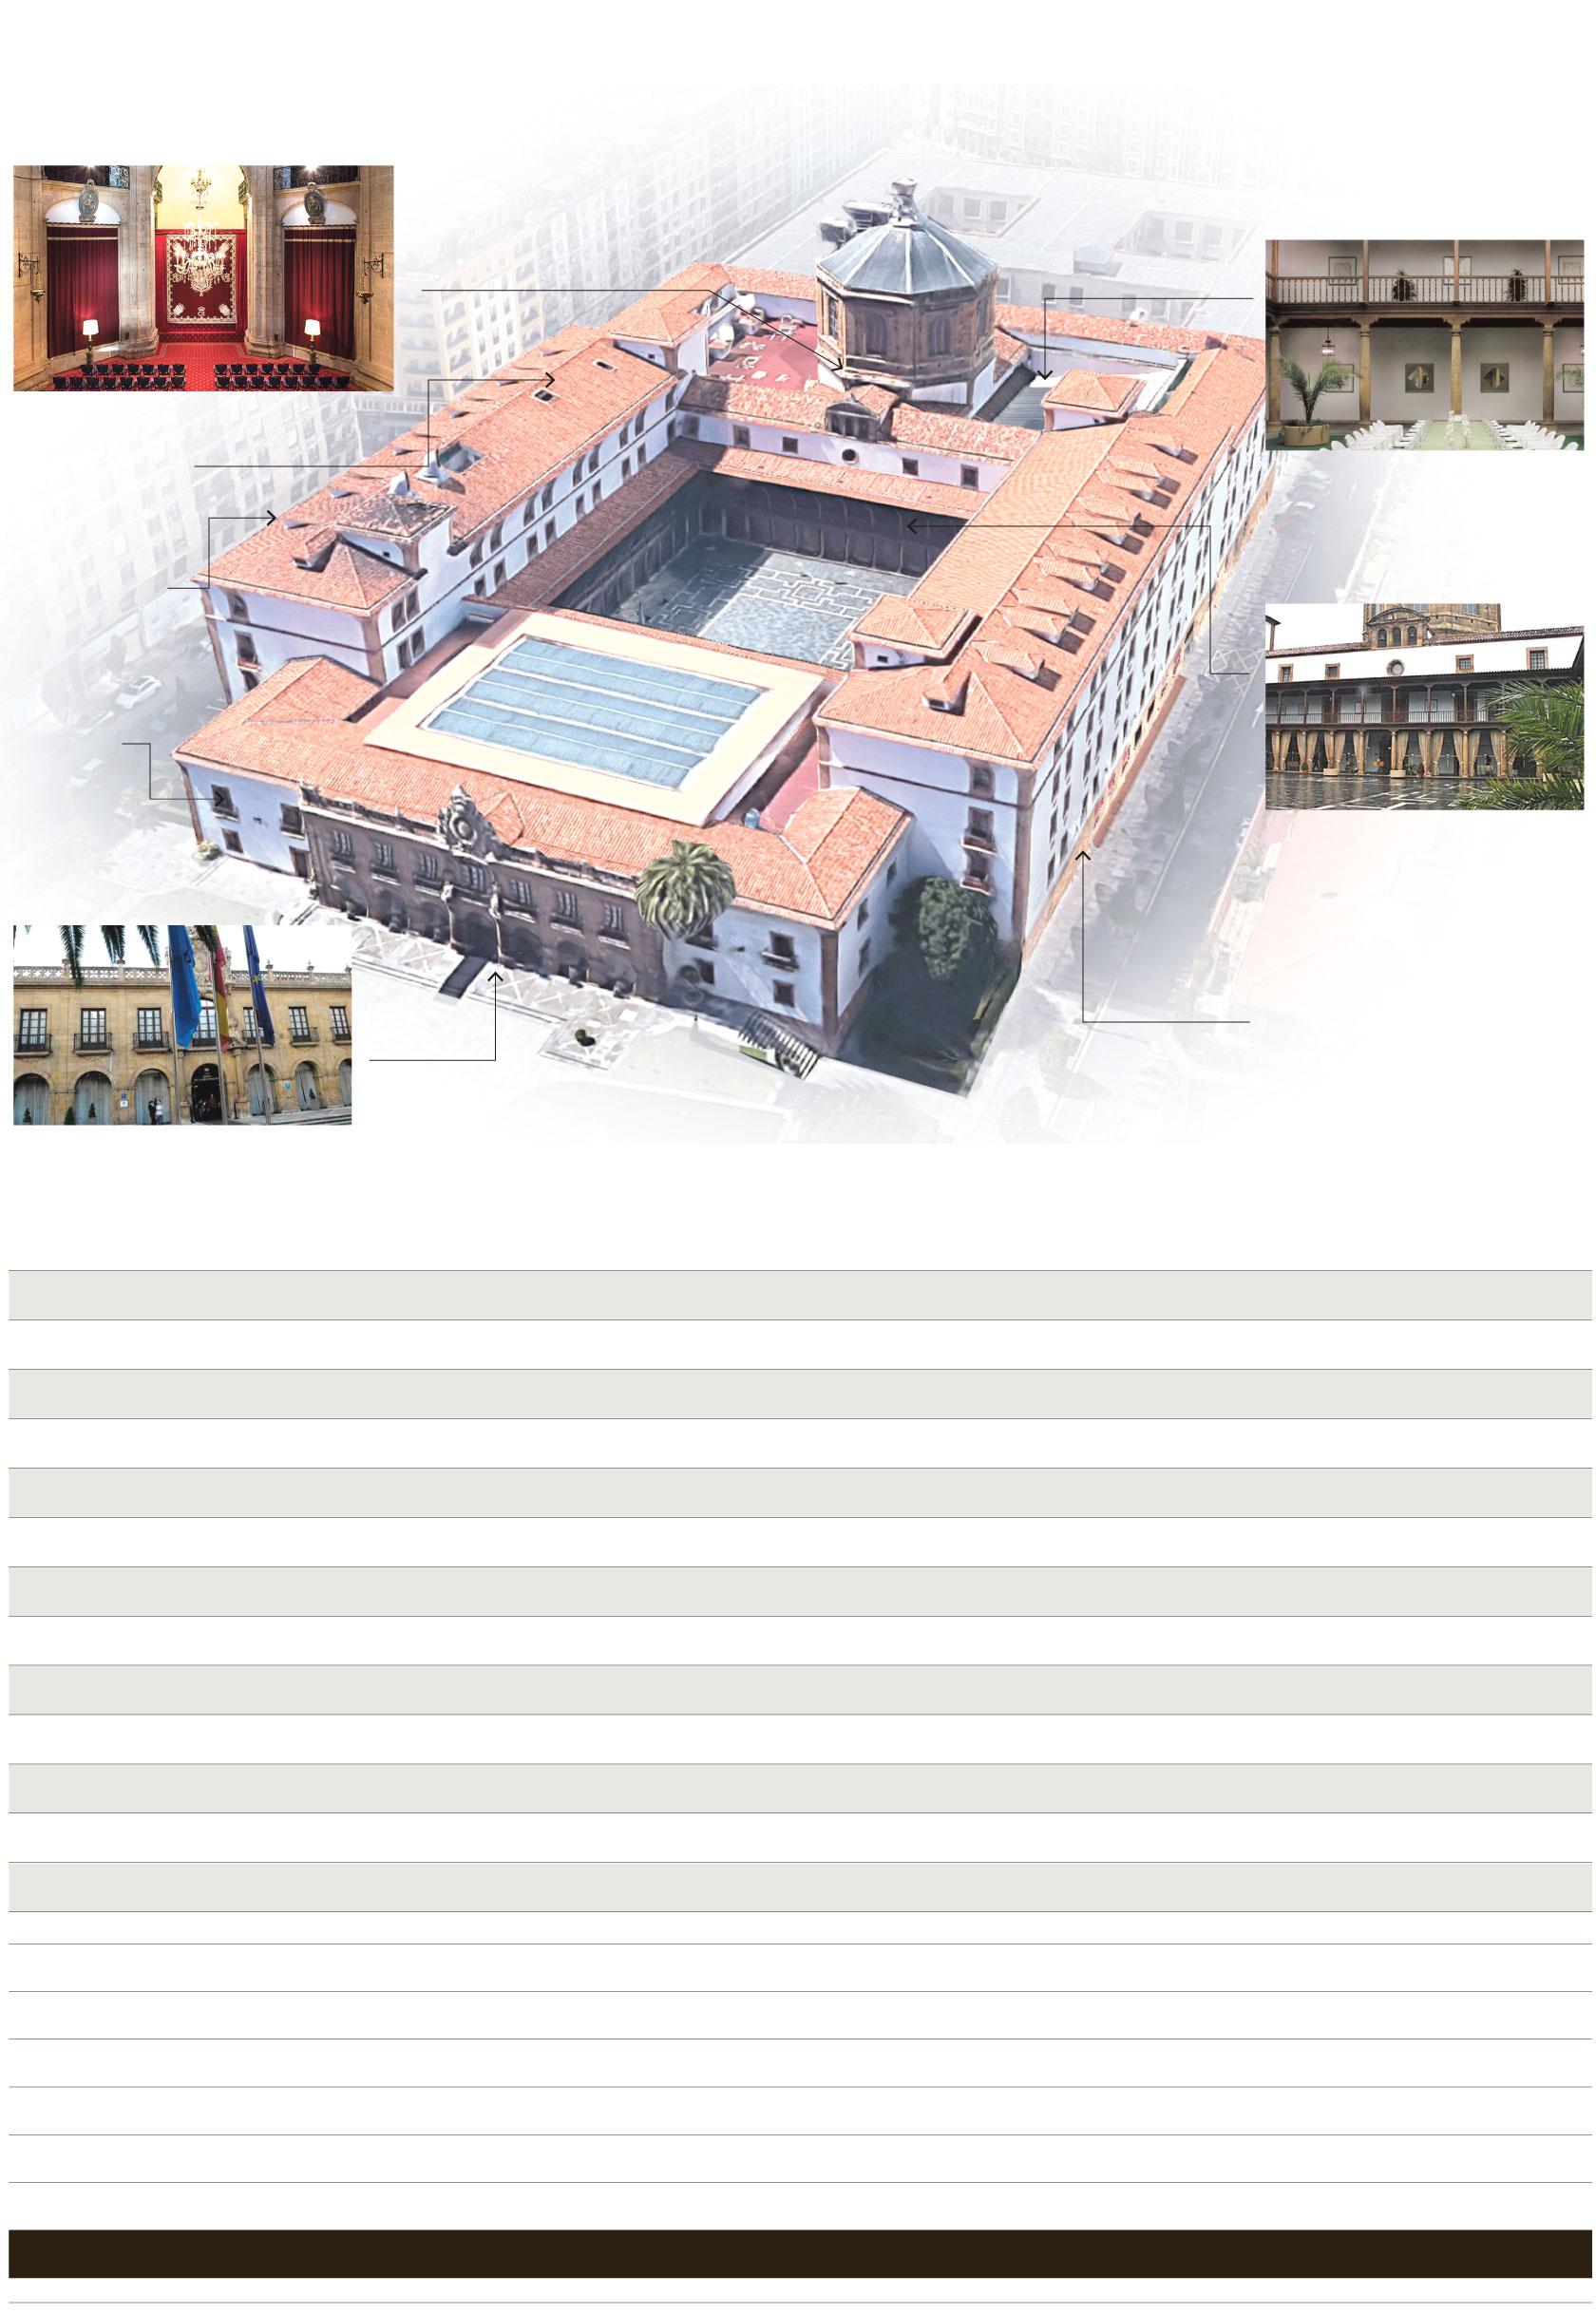 1618911771 intervenciones recogidas en el plan director del hotel de la reconquista 2